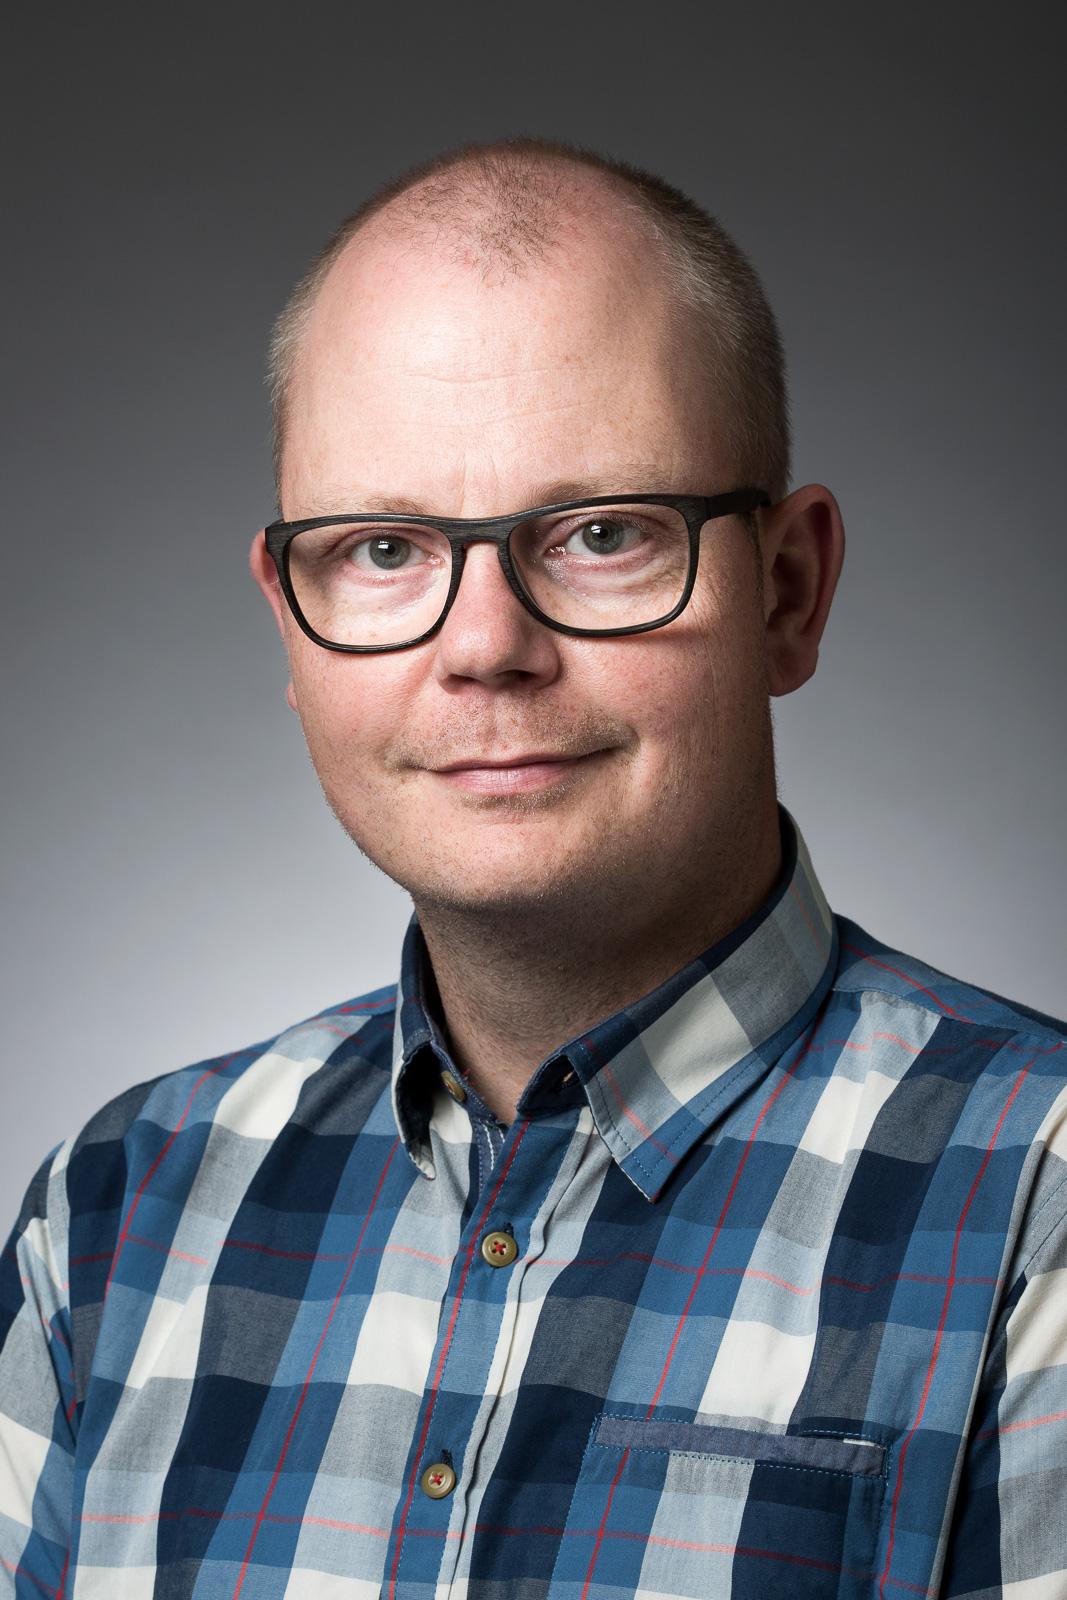 Morten Nisker Toppenberg